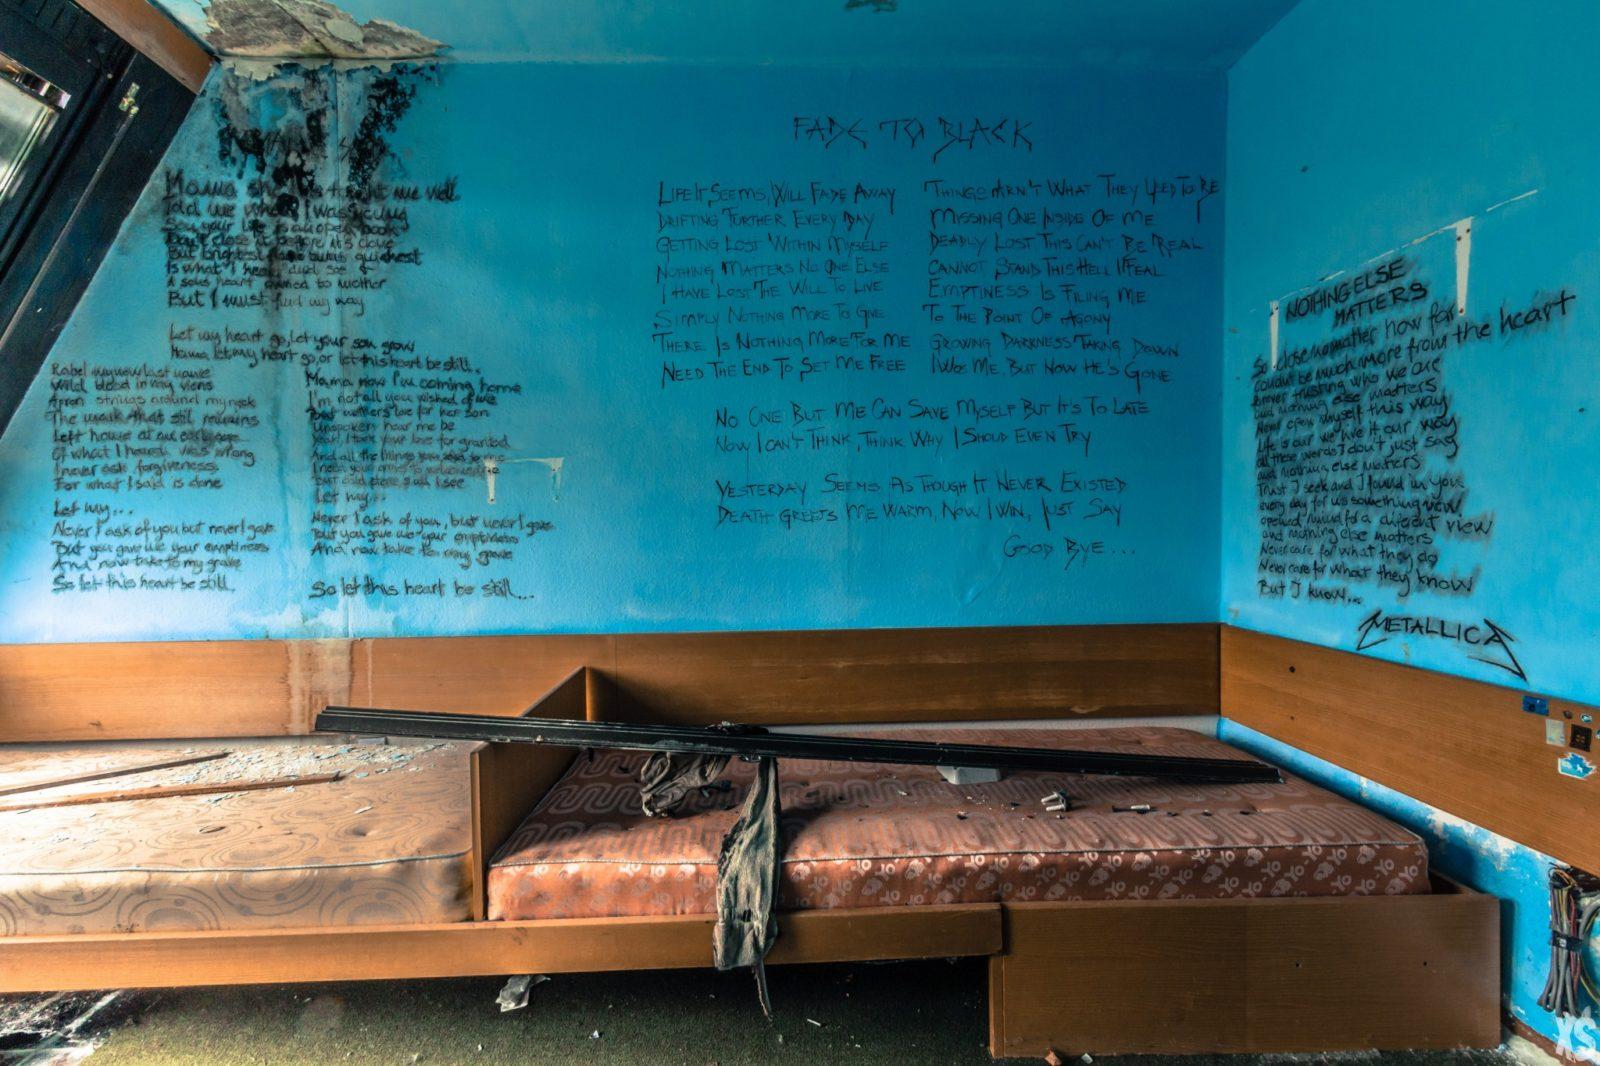 rentre ecole faculte universite lieuxabandonnes urbex explorationurbaine graffiti maternelle marceau radar allurbanmakers urbexsession vinkopintarik chambre poeme - De la maternelle à la fac, découvrez les plus belles écoles abandonnées !